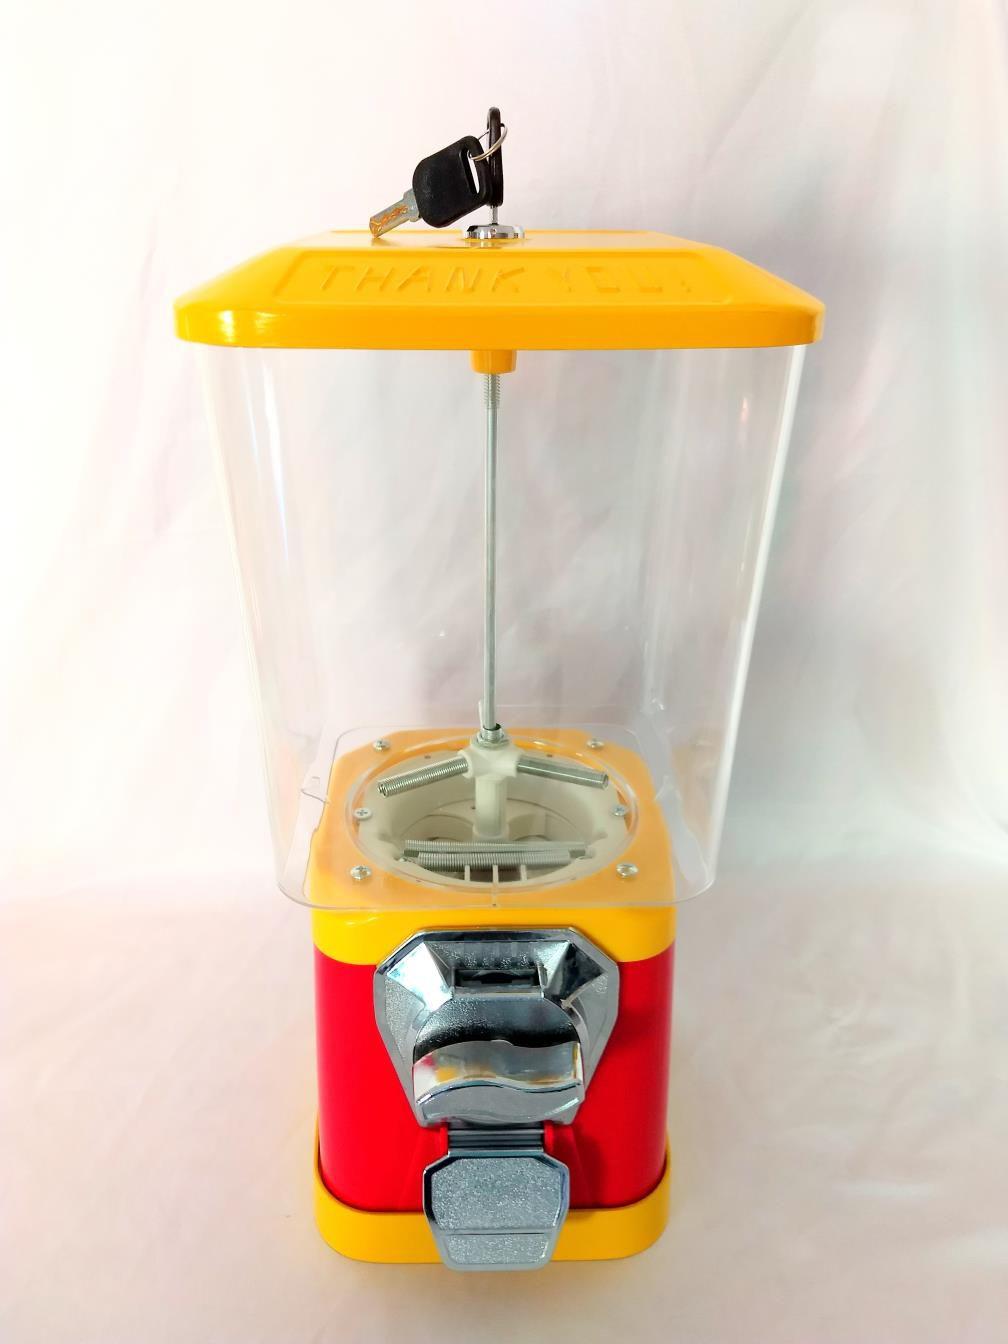 Kit Completo 4 Maquinas de Bolinha Pula Pula - Vending Machine